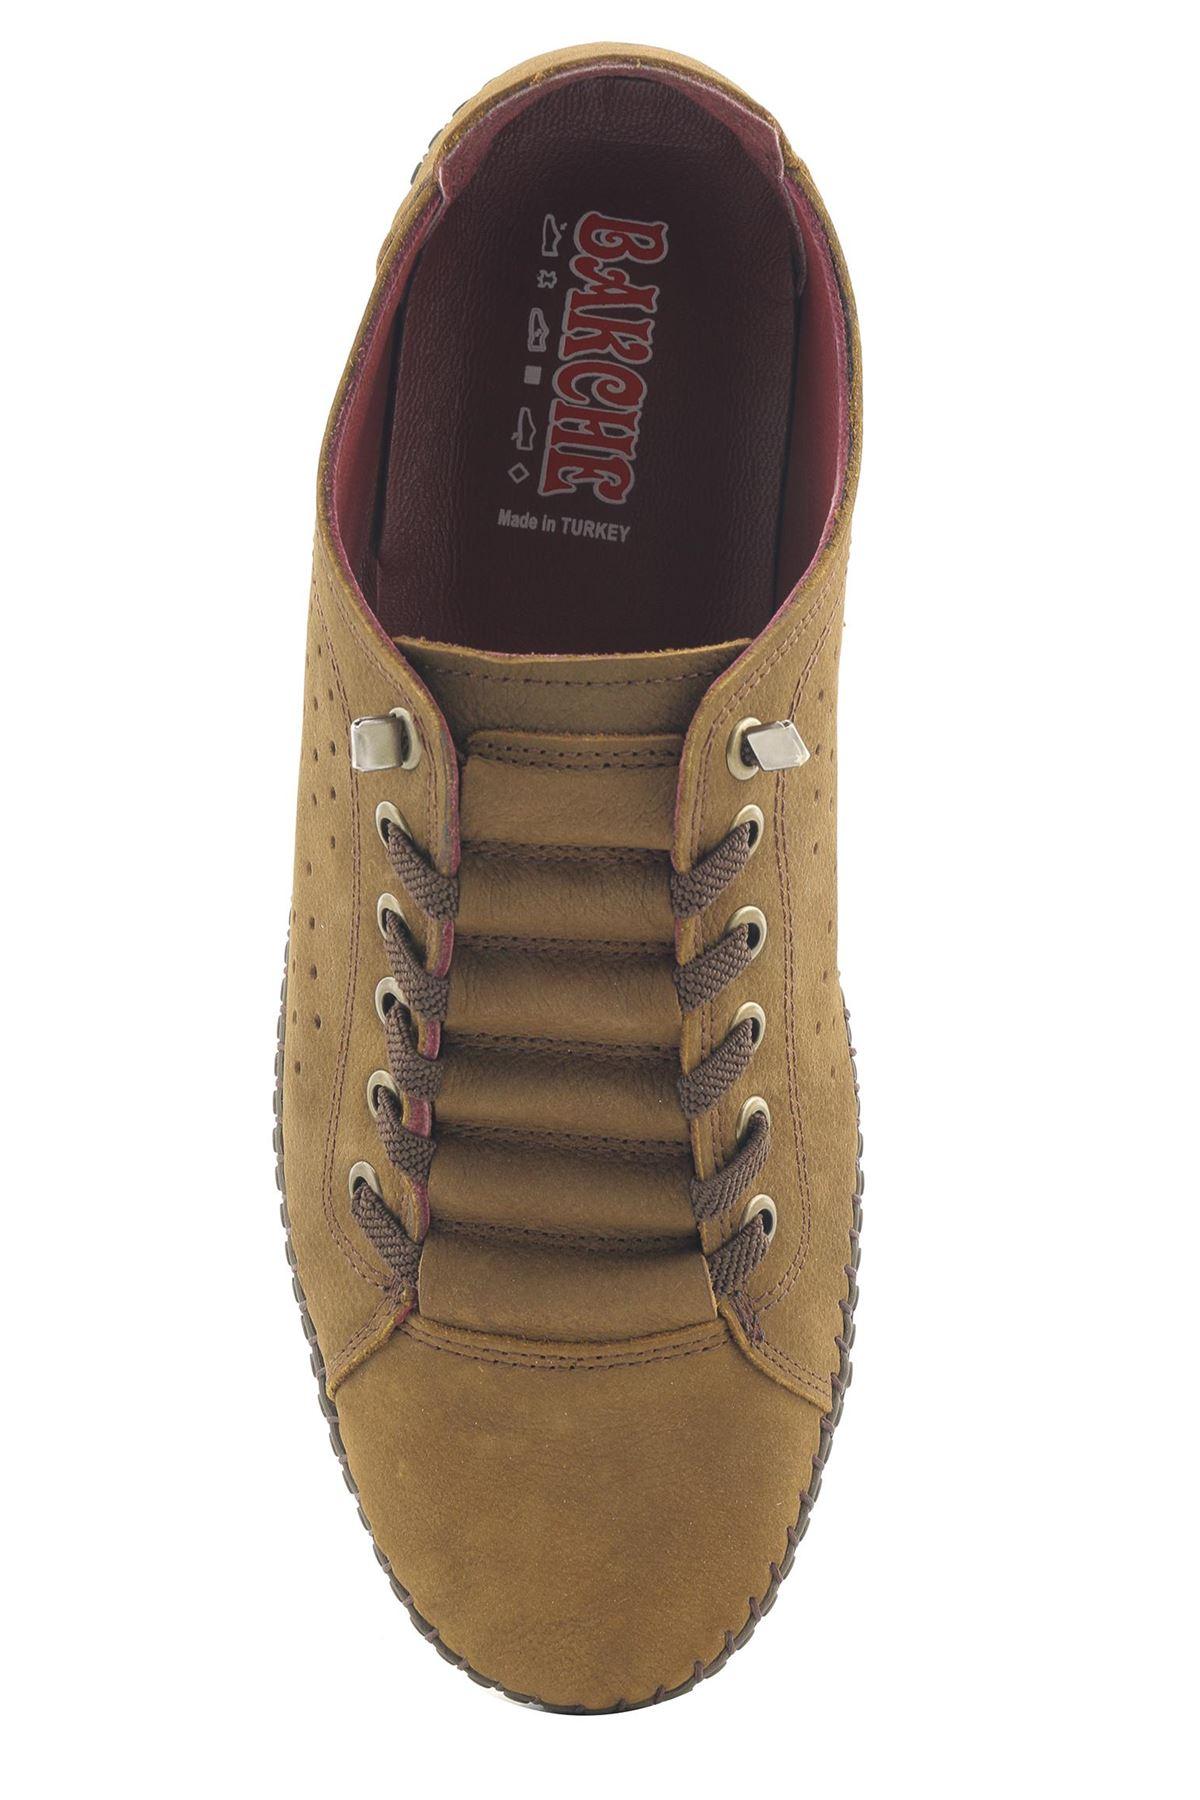 Bakche M5522 Hakiki Deri Comfort Günlük Ayakkabı